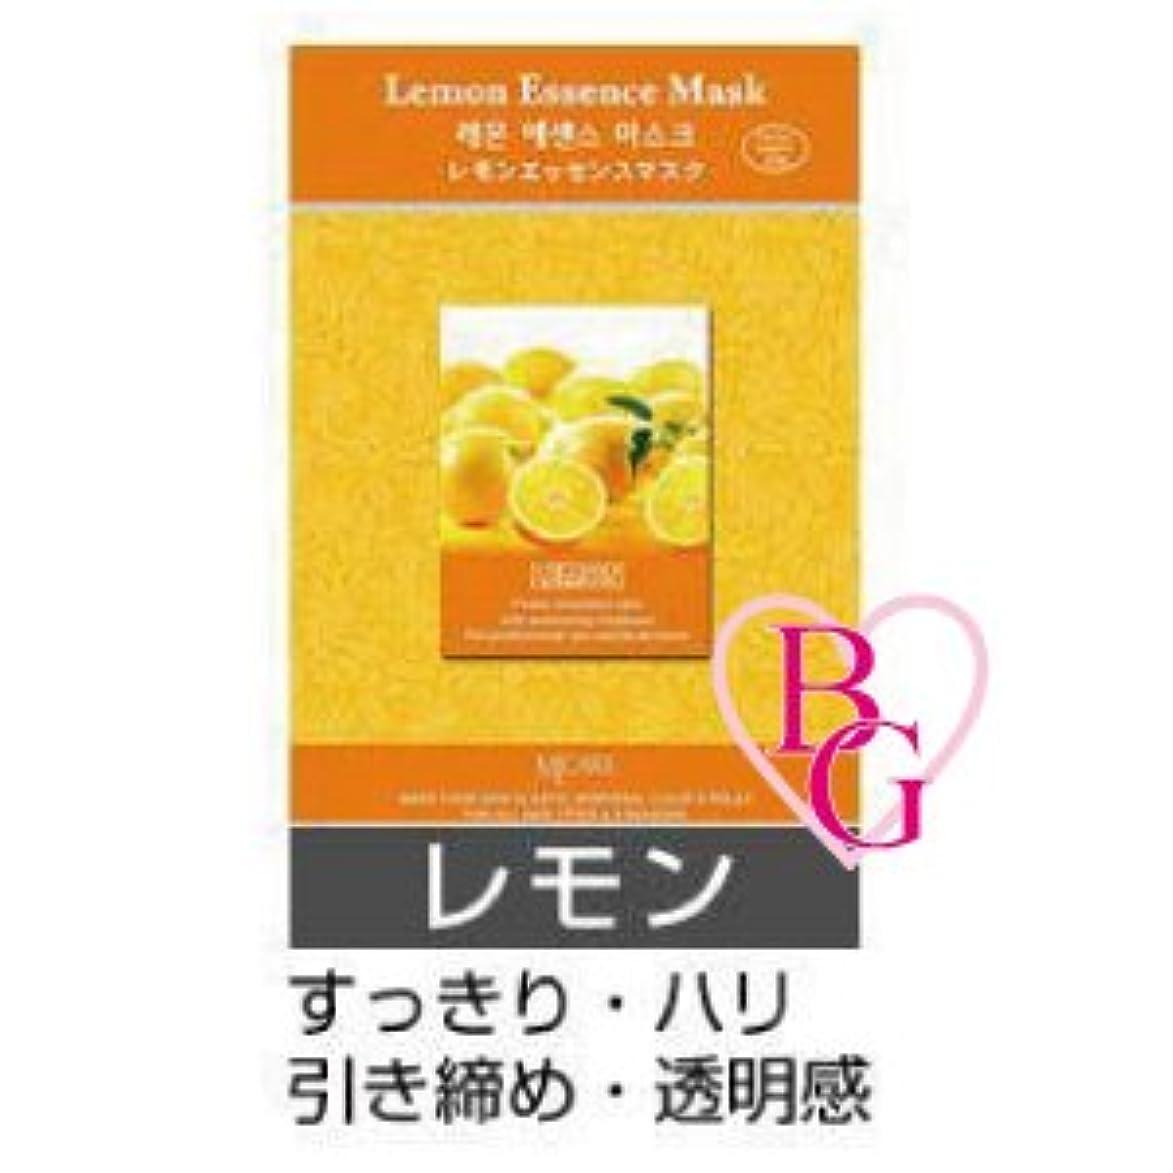 首アシスト求めるフェイスパック レモン 韓国コスメ MIJIN(ミジン)コスメ 口コミ ランキング No1 おすすめ シートマスク 10枚